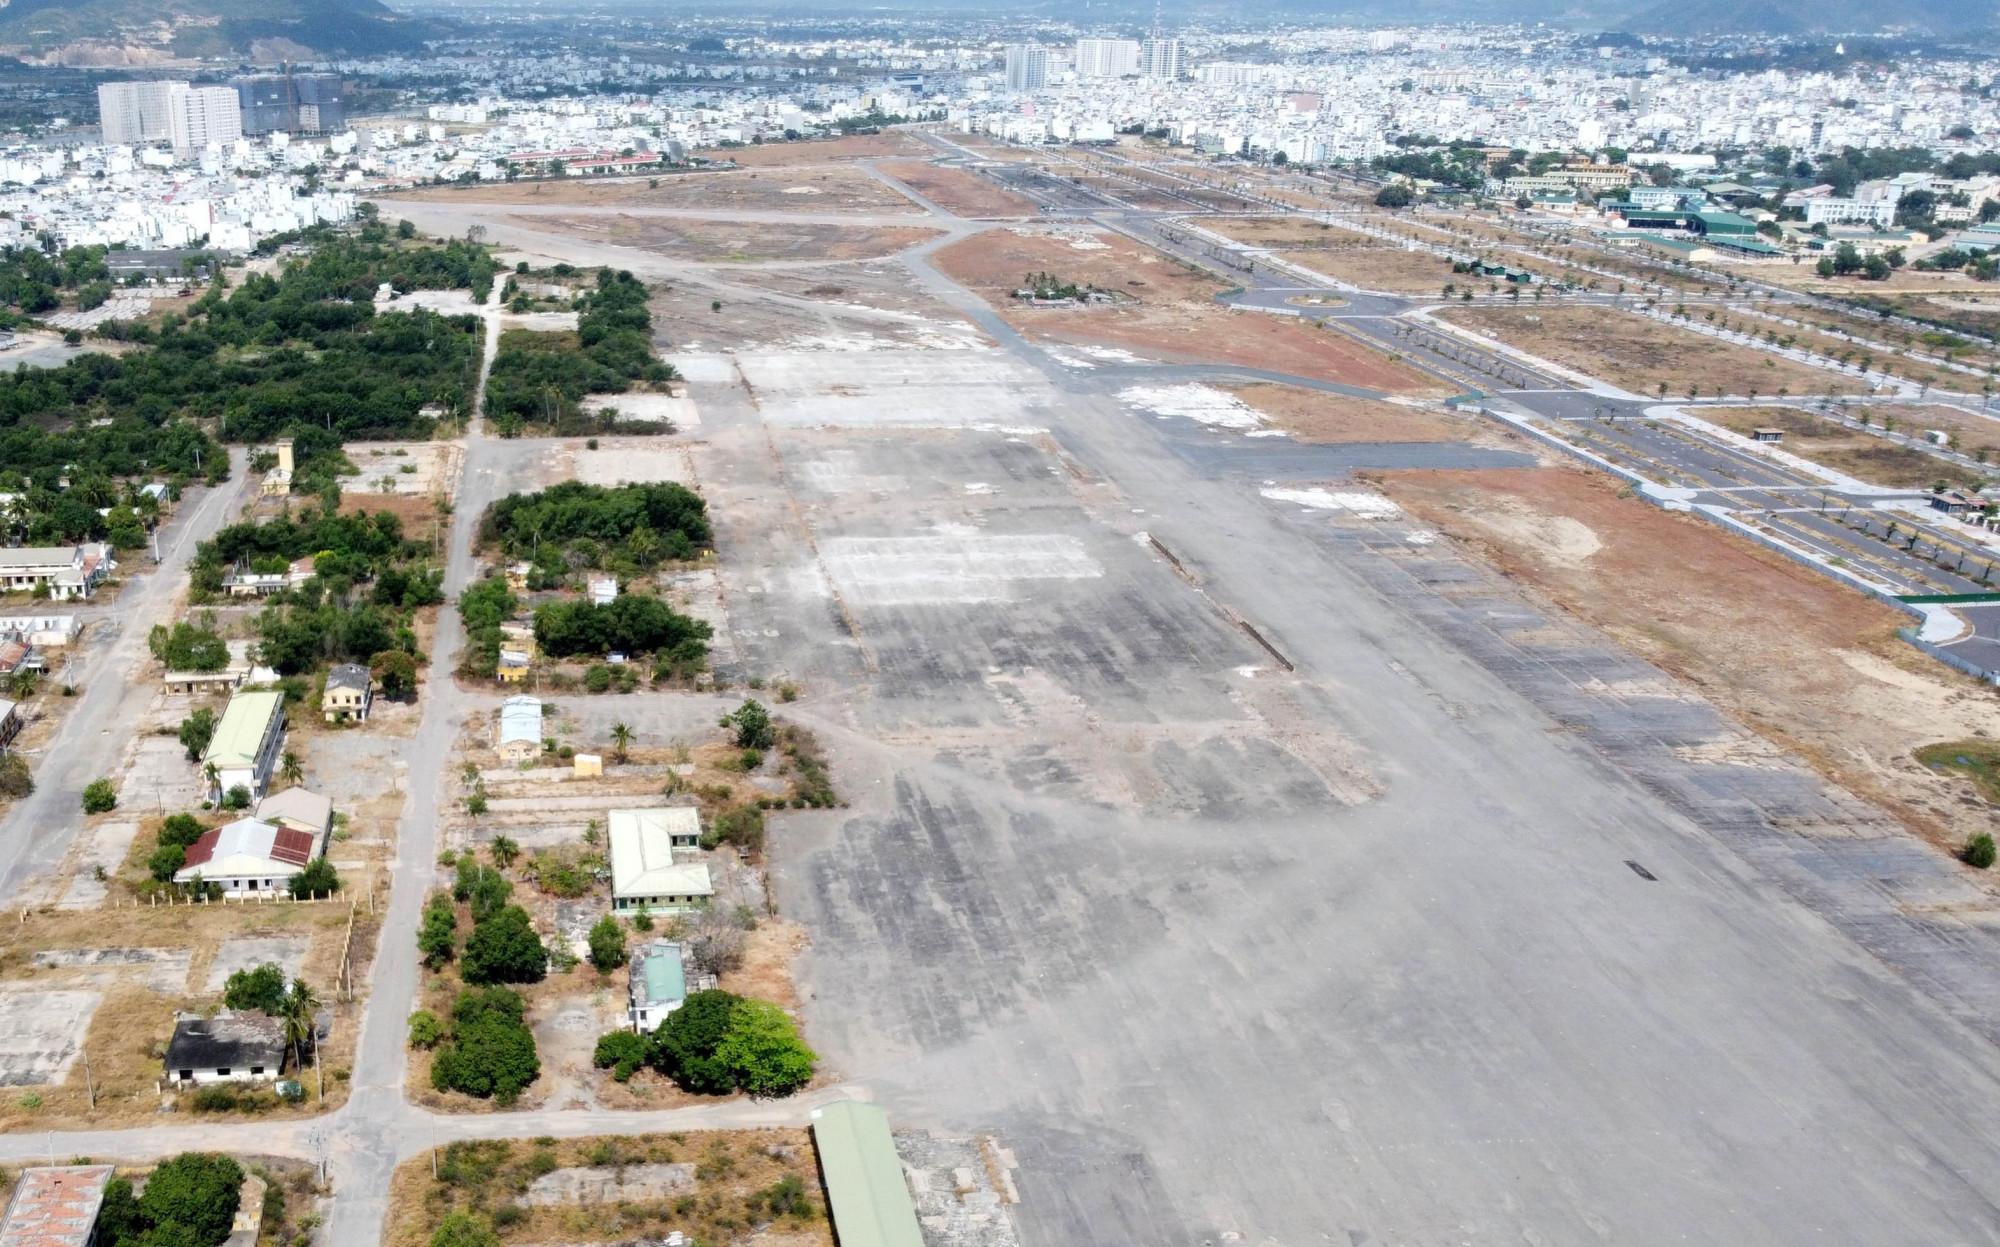 Tỉnh Khánh Hòa đang rà soát pháp lý các dự án BT sử dụng đất sân bay Nha Trang cũ. Ảnh: M.Đ